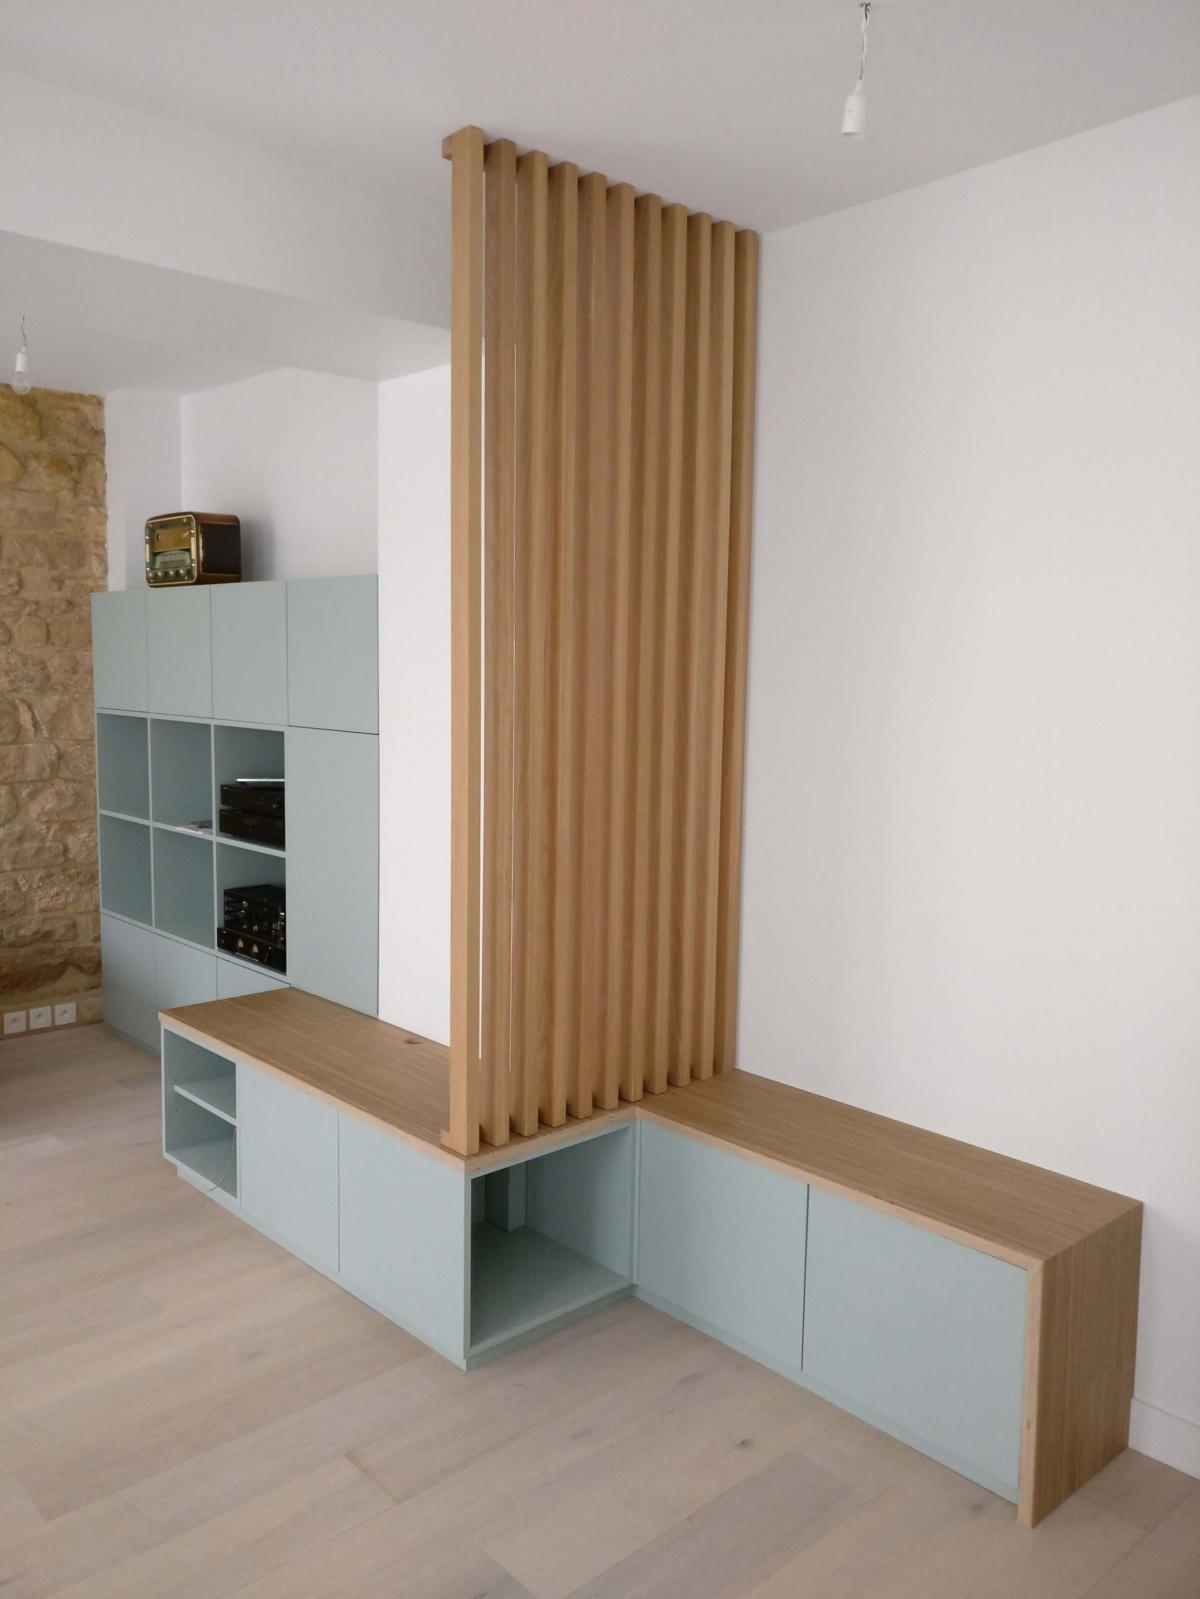 Appartement sur trois niveaux